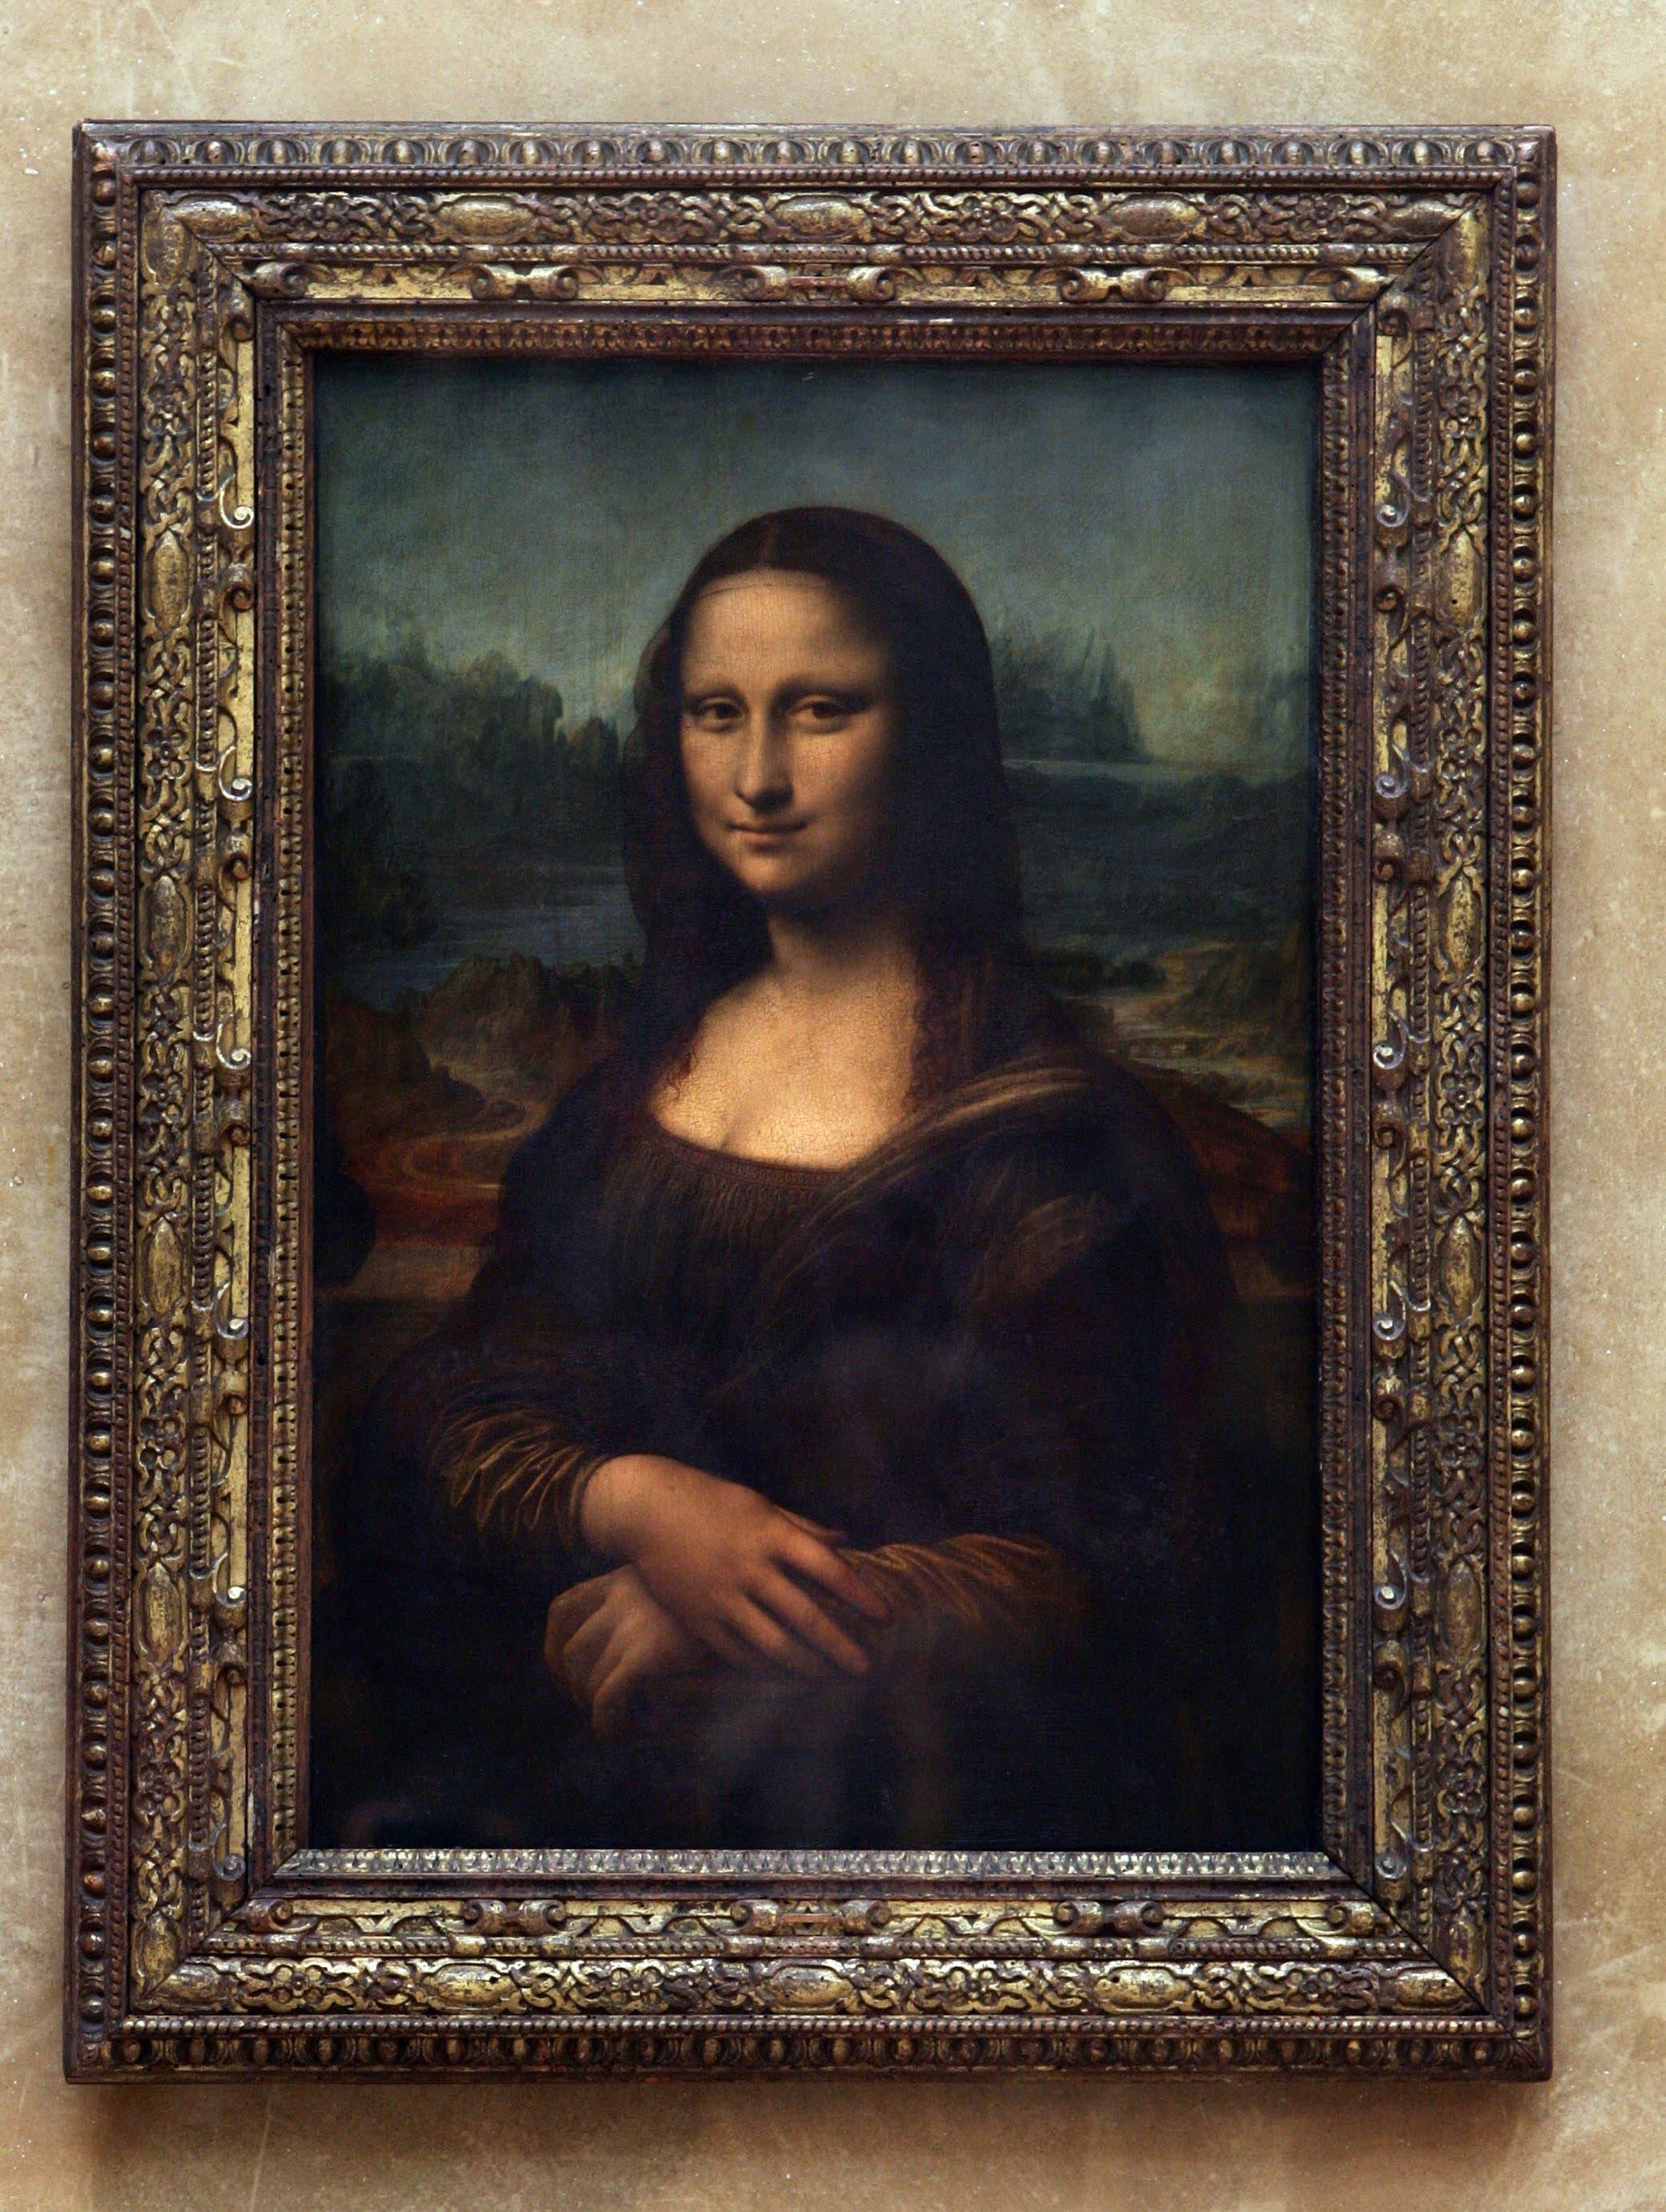 Mona Lisa Leonardo Da Vinci La Foto gratis en Pixabay 18